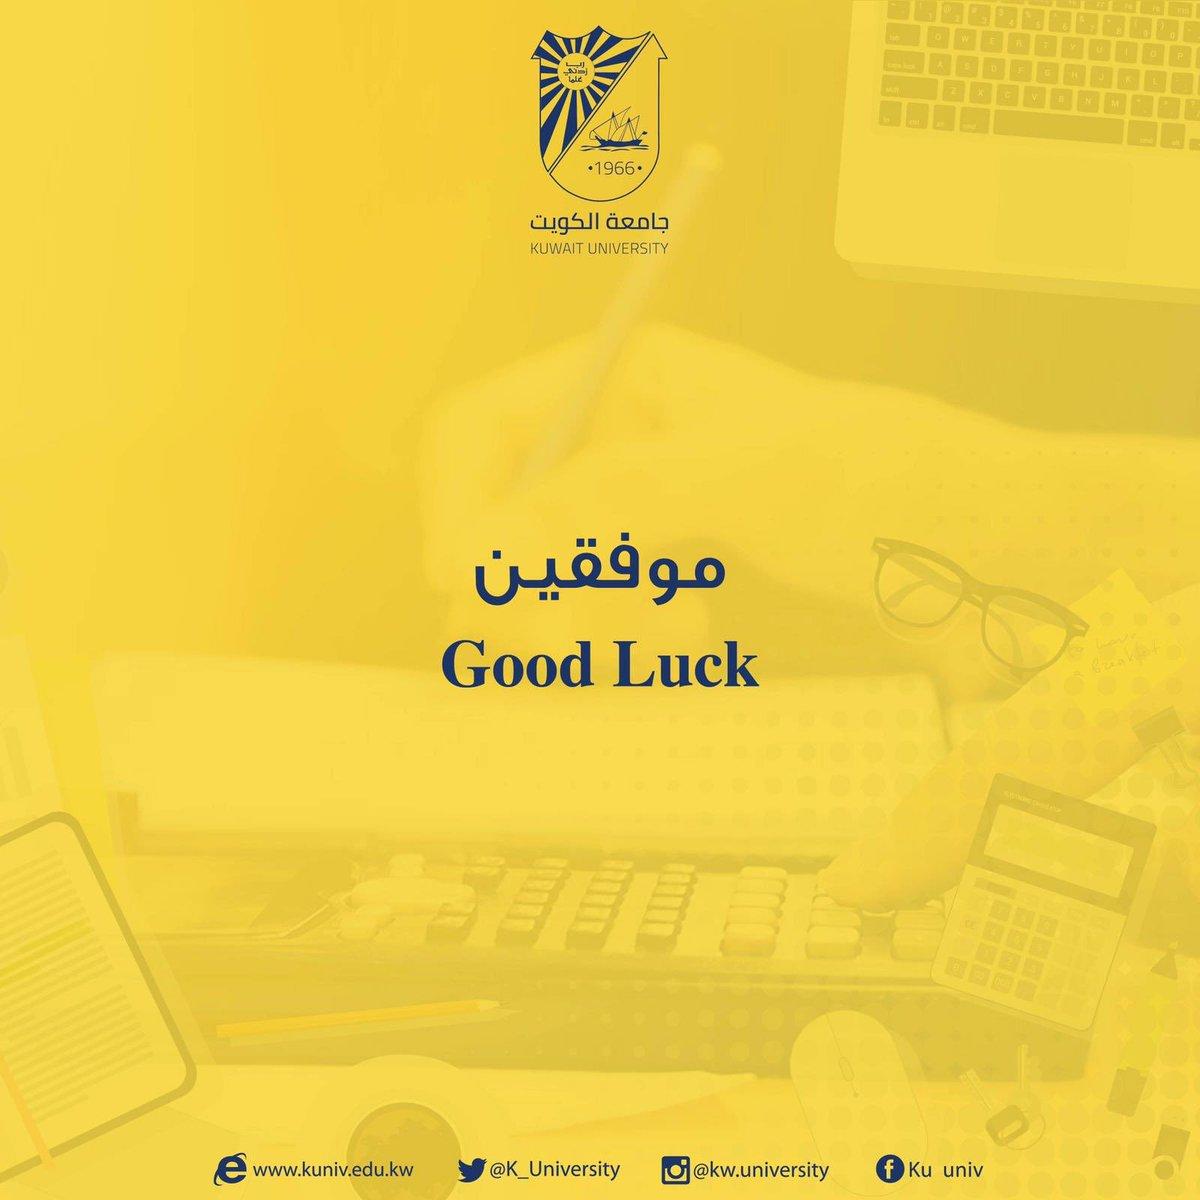 جامعة الكويت    #شدوا_حيلكم 💪🏻   #جامعة_الكويت  #kuniv #kuwaituniversity #الكويت  #kuniv_edu